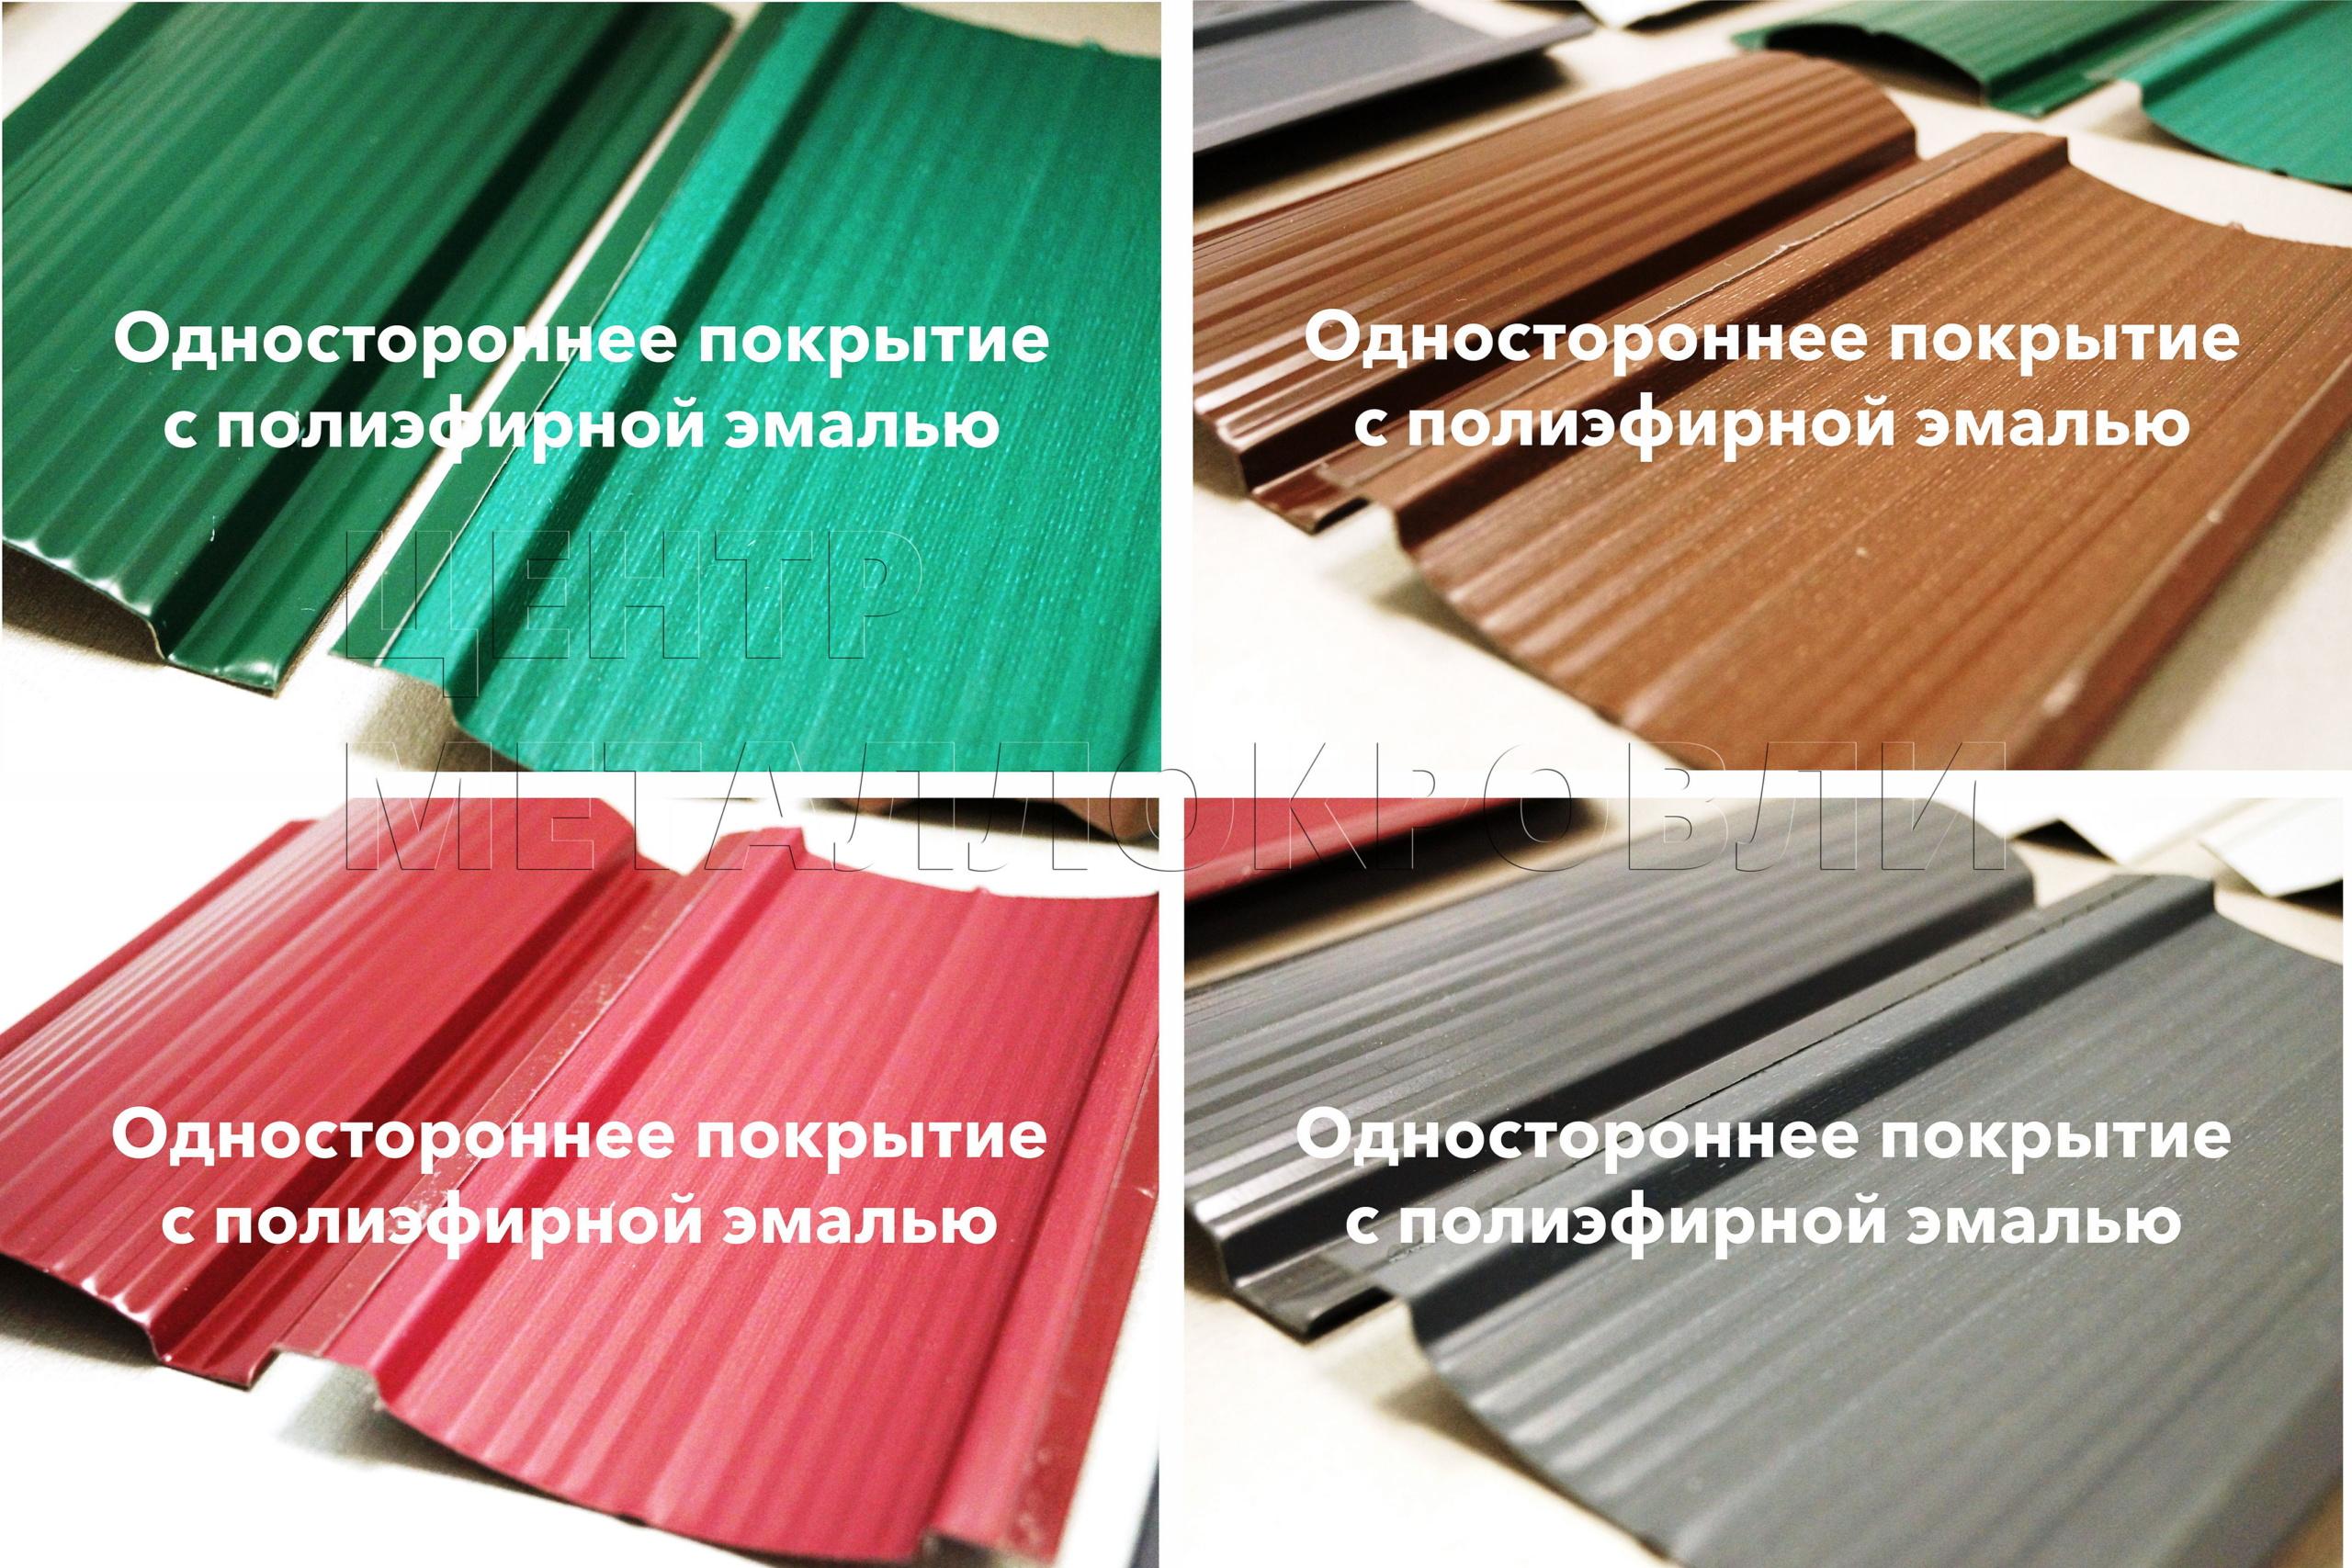 Евроштакетник покрытие одностороннее двустороннее полиэфирная эмаль грунт в цвет - 11